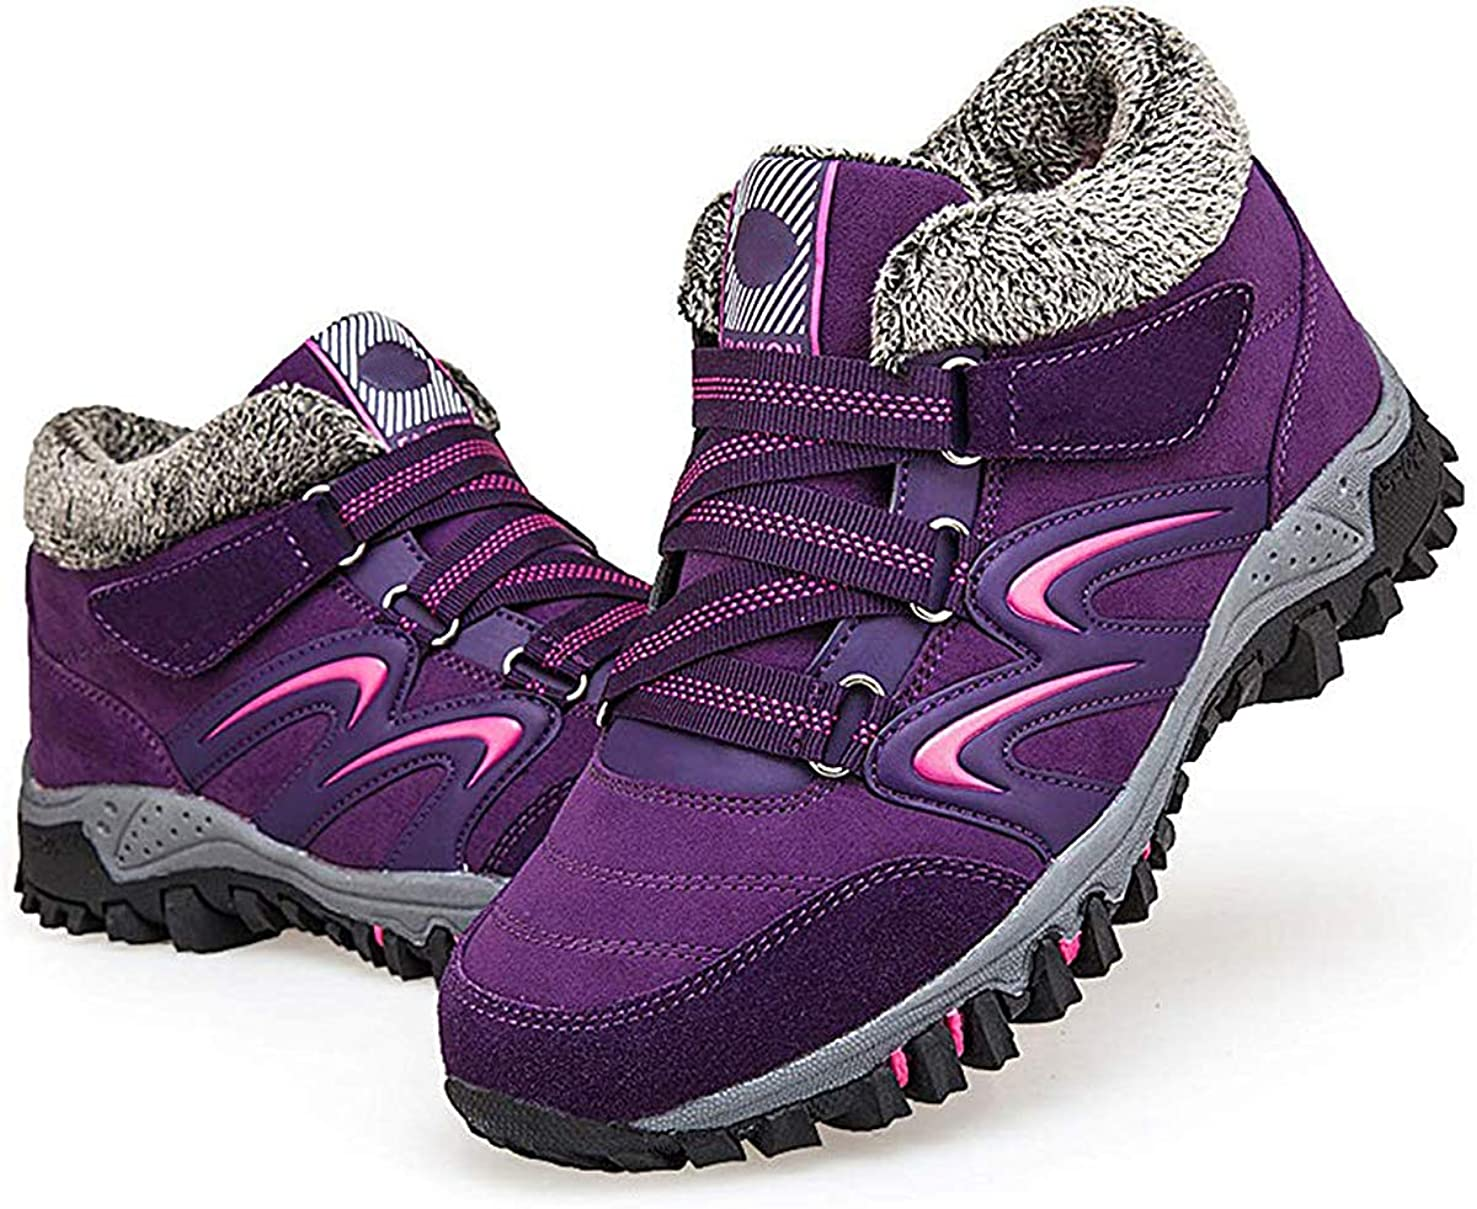 強制的ヒョウ広告するブーツのメンズハイキングシューズ、男性の女性のための軍の戦術的なブーツノンスリップ戦術ブーツ戦術ハイキングブーツを登山アウトドアキャンプ,紫色,40EU